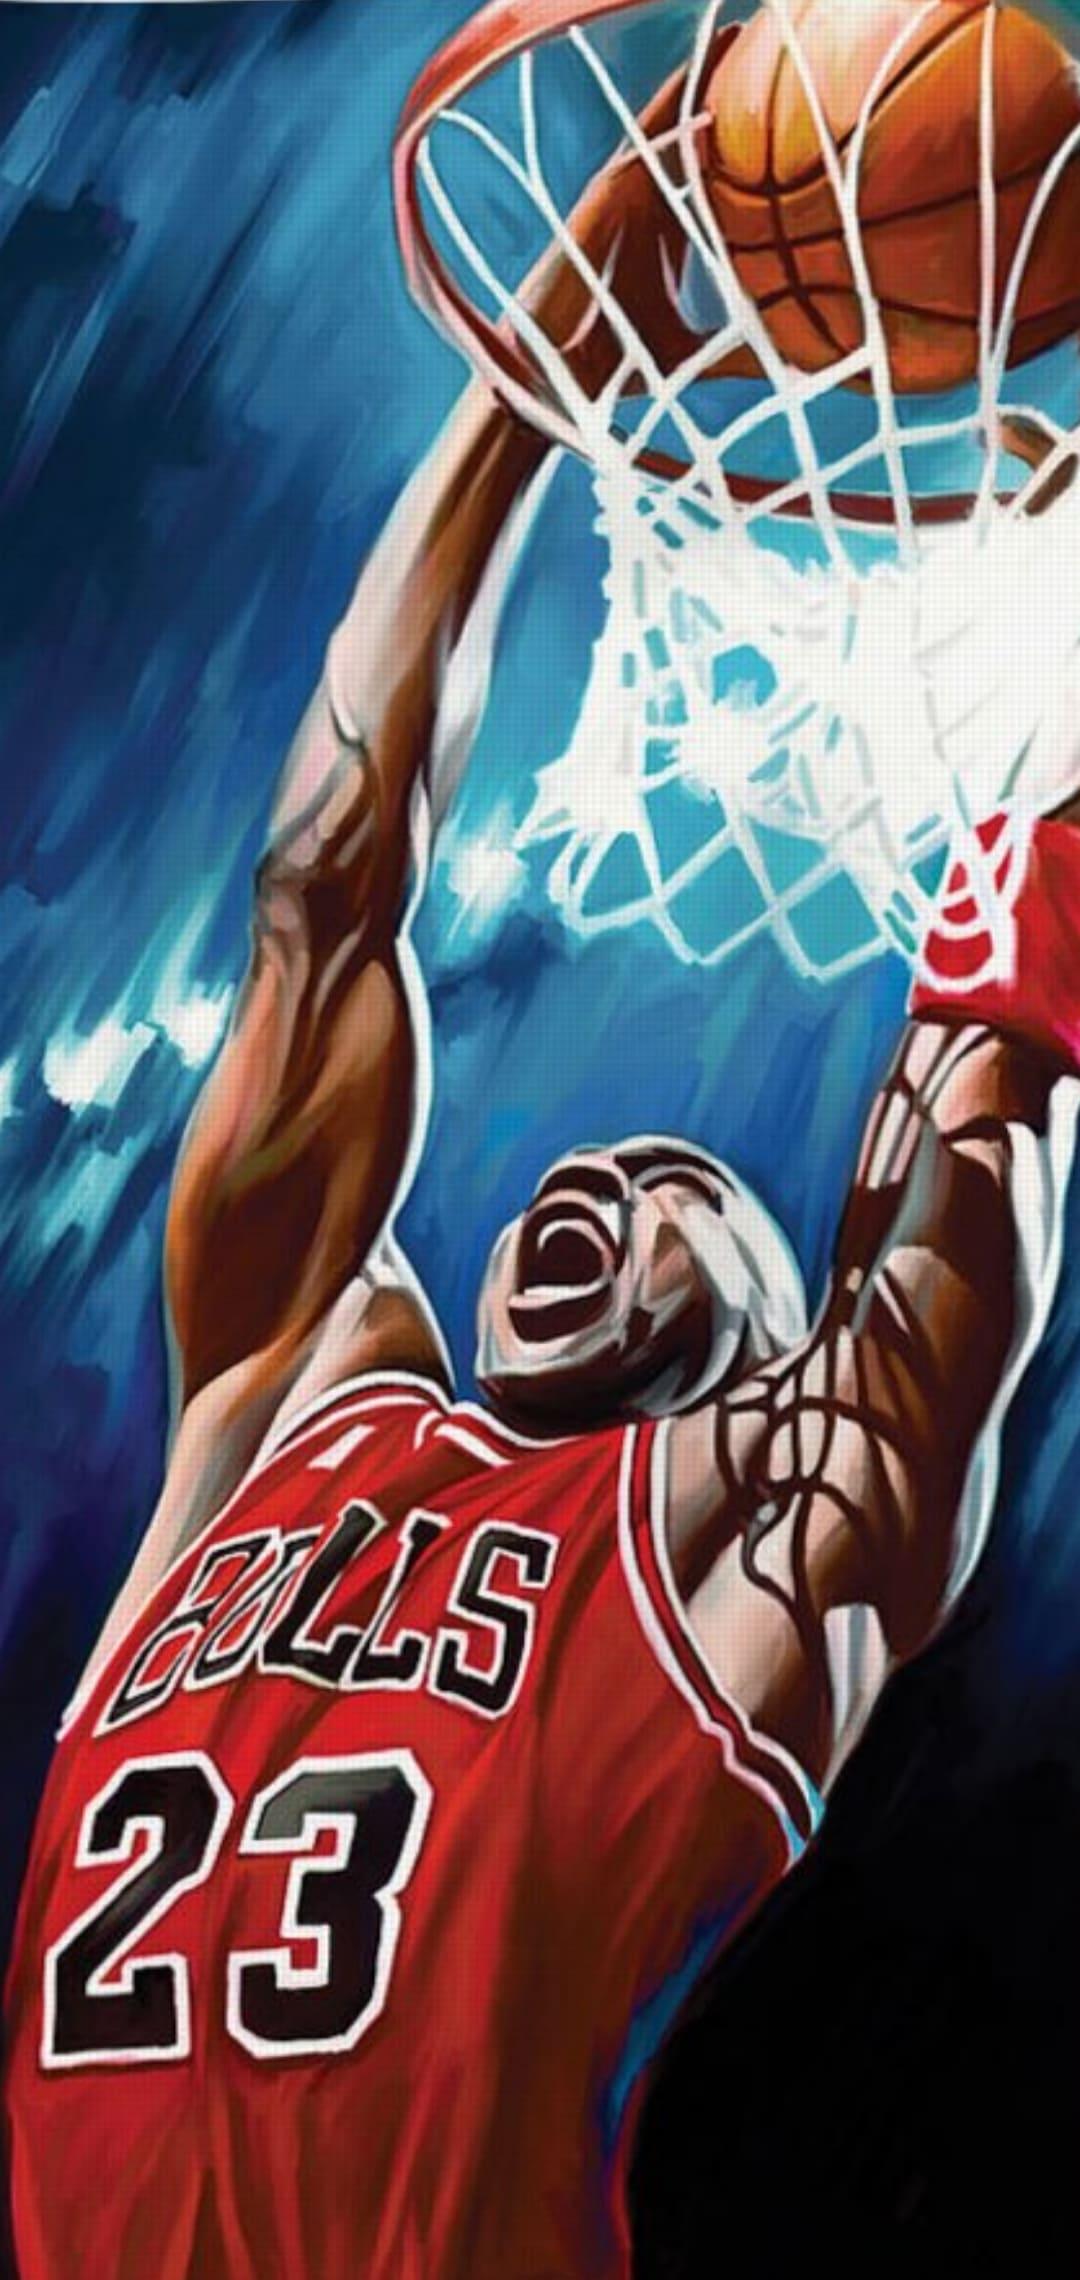 Jordan Wallpaper Samsung Galaxy A20 Basketball Case 2847652 Hd Wallpaper Backgrounds Download